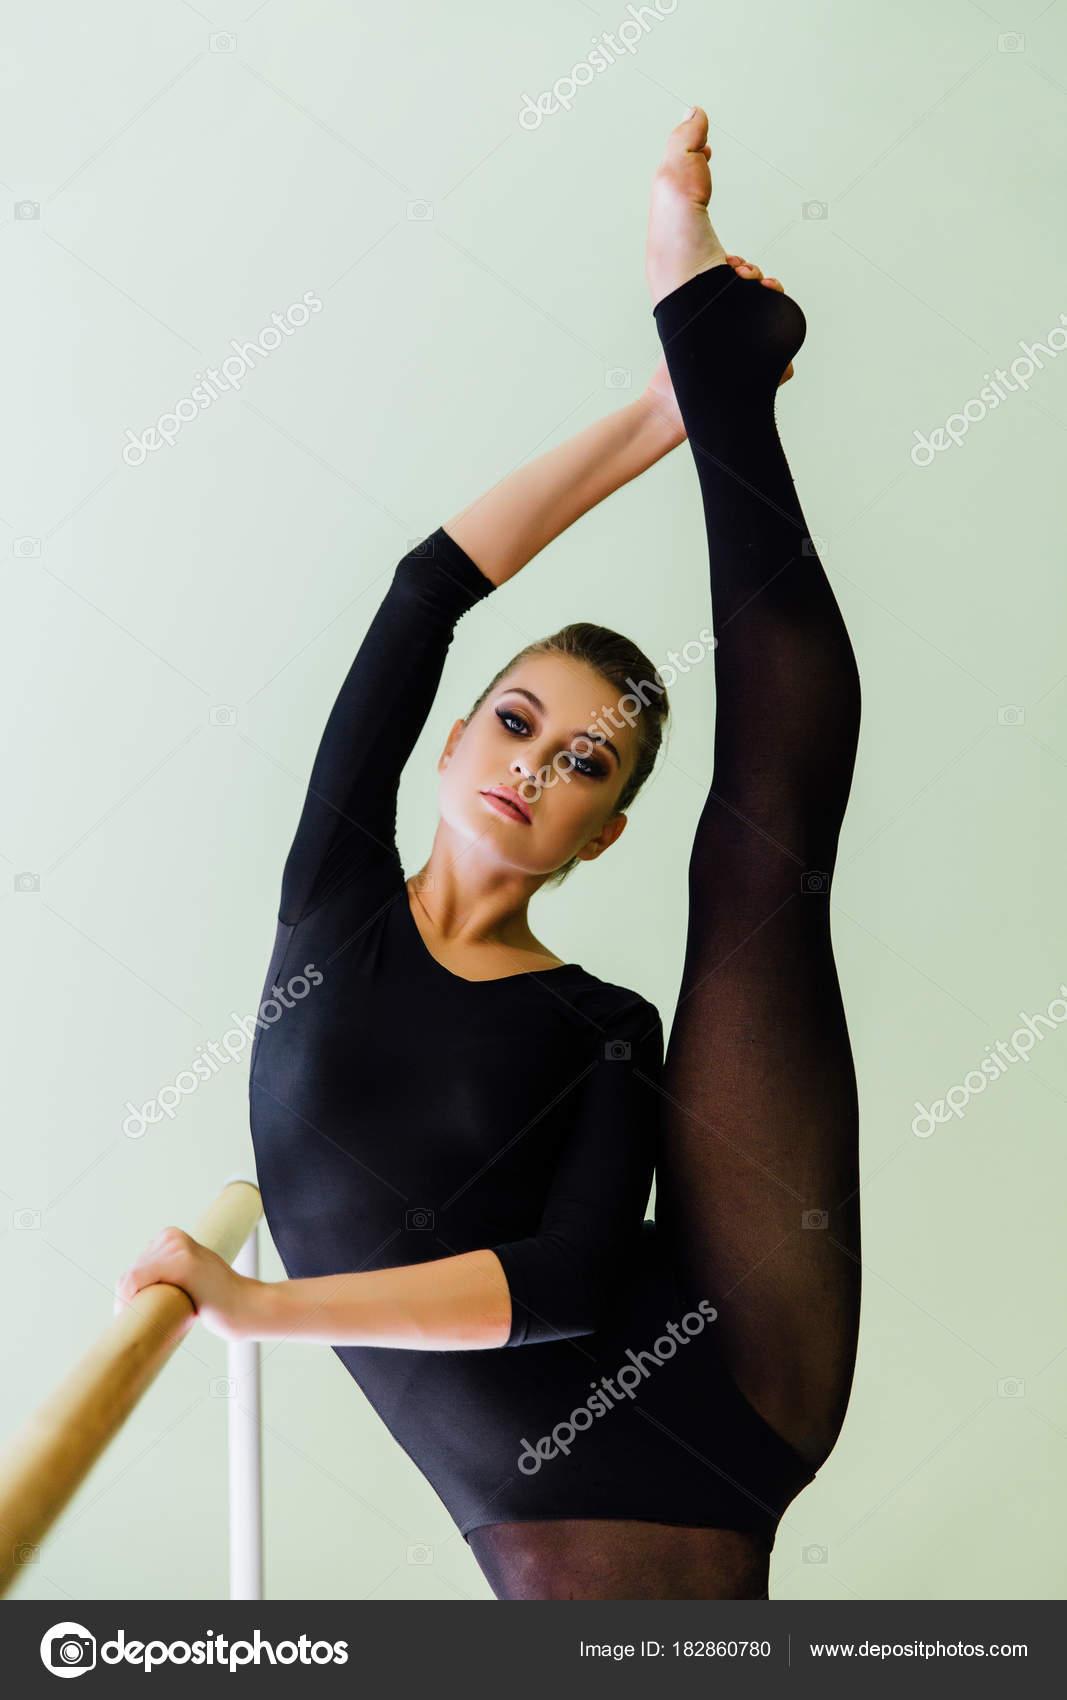 seksualnie-balerini-v-kolgotkah-foto